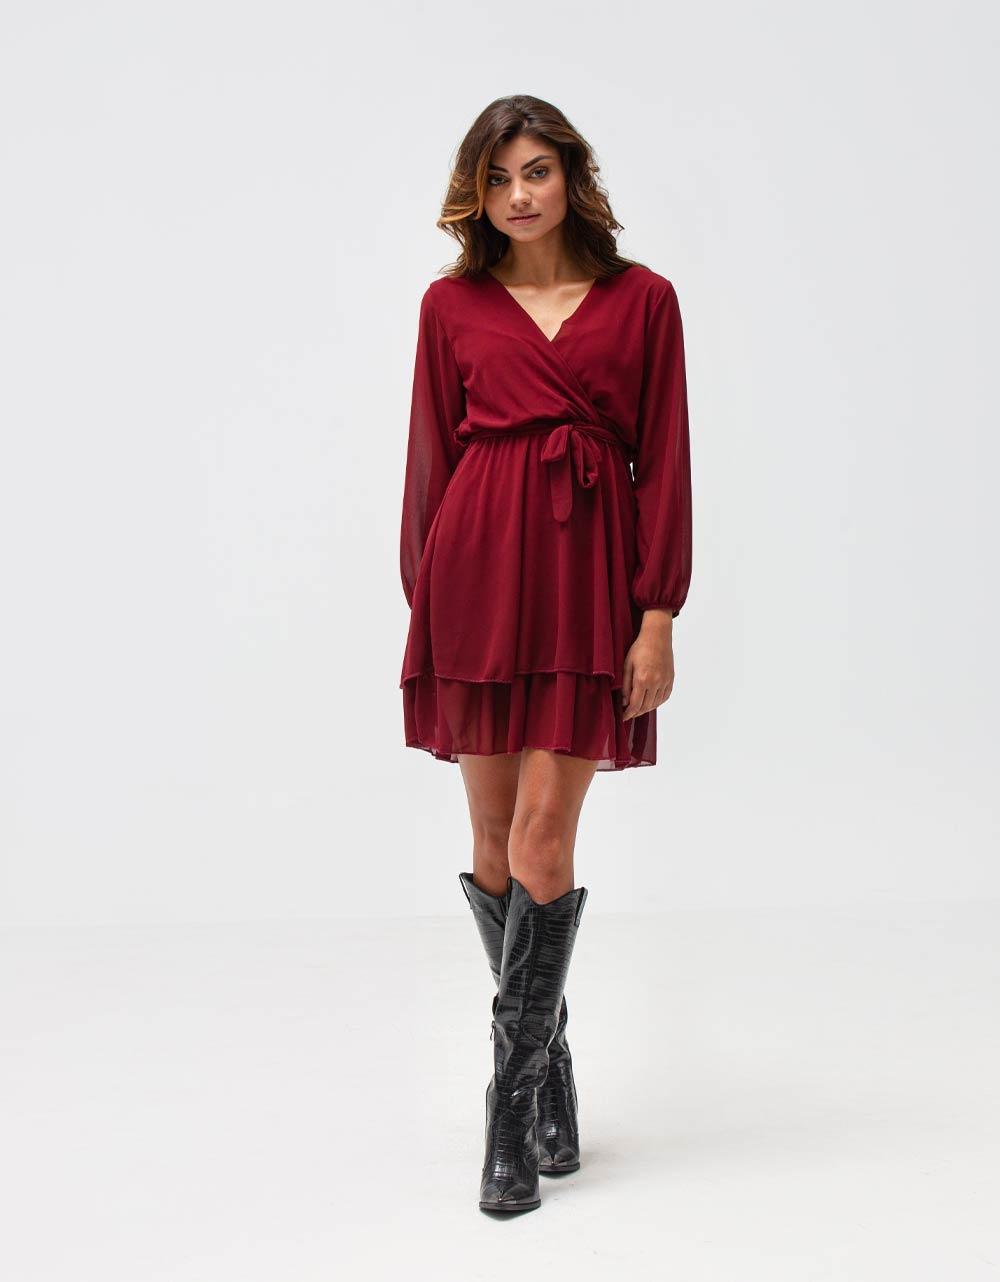 Εικόνα από Γυναικείο φόρεμα με ζωνάκι Μπορντώ